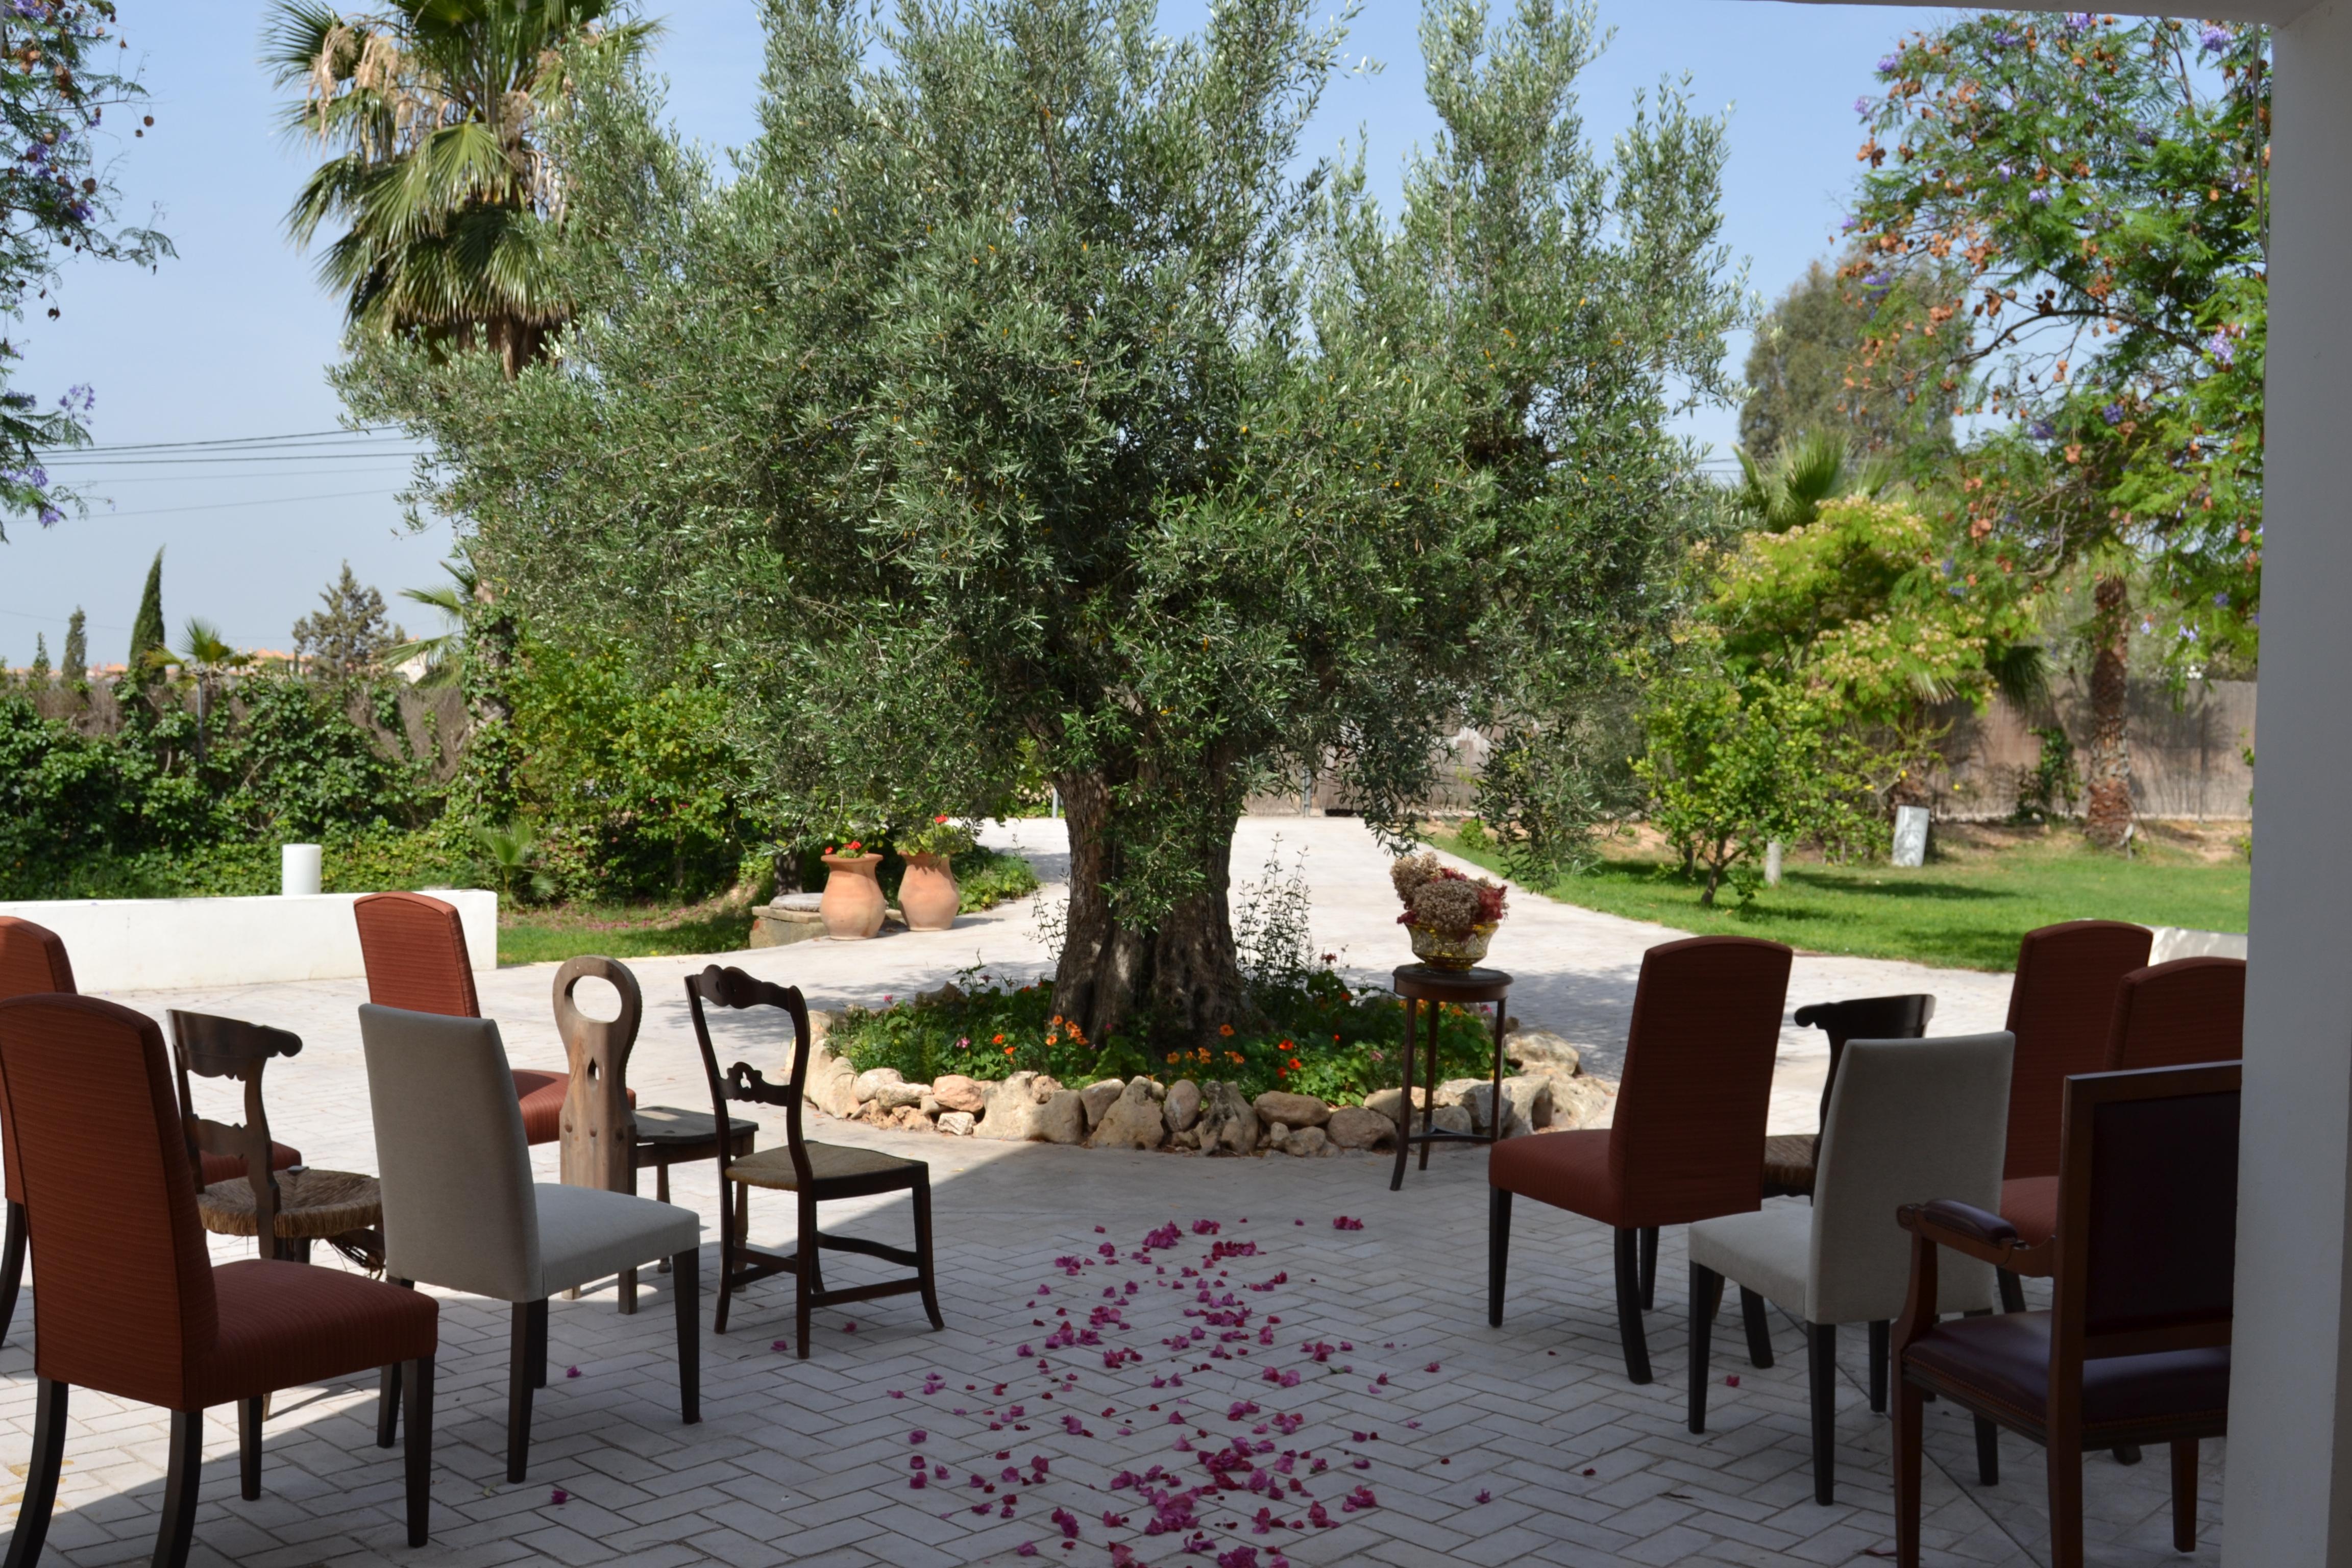 Ceremonia olivo